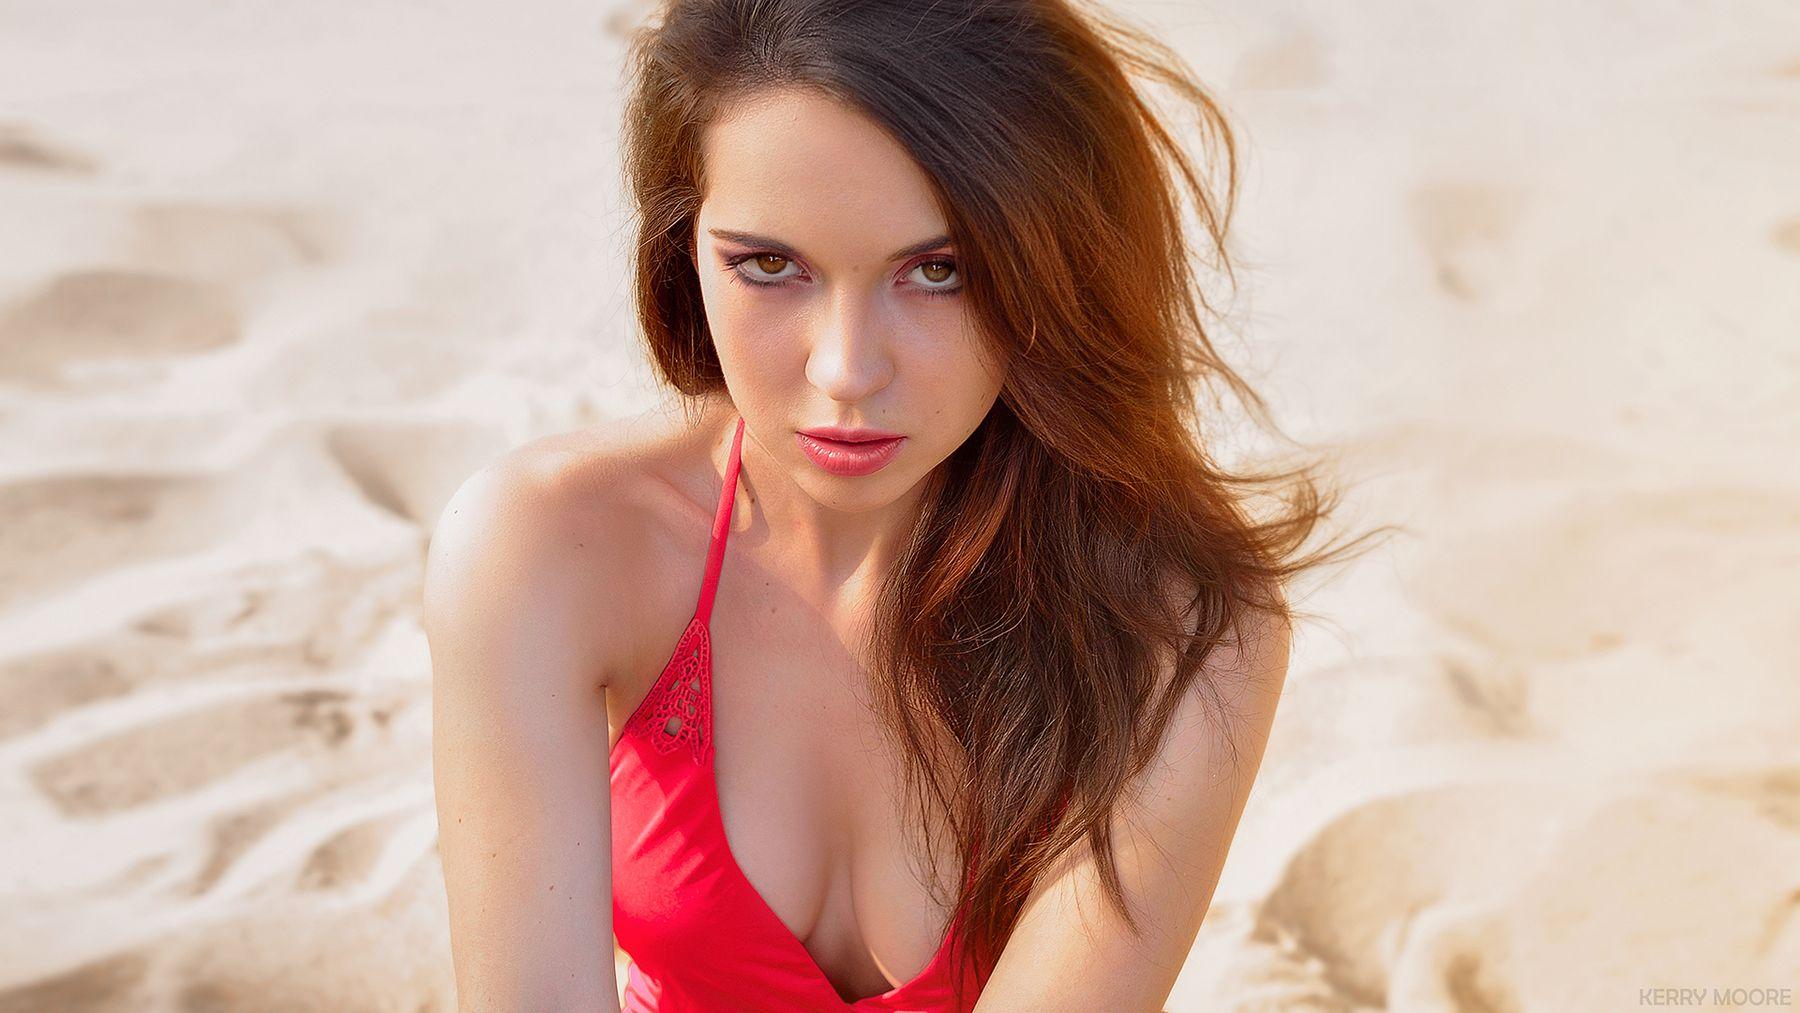 Смотри мне в глаза portrait гламур девушка модель красота пляж